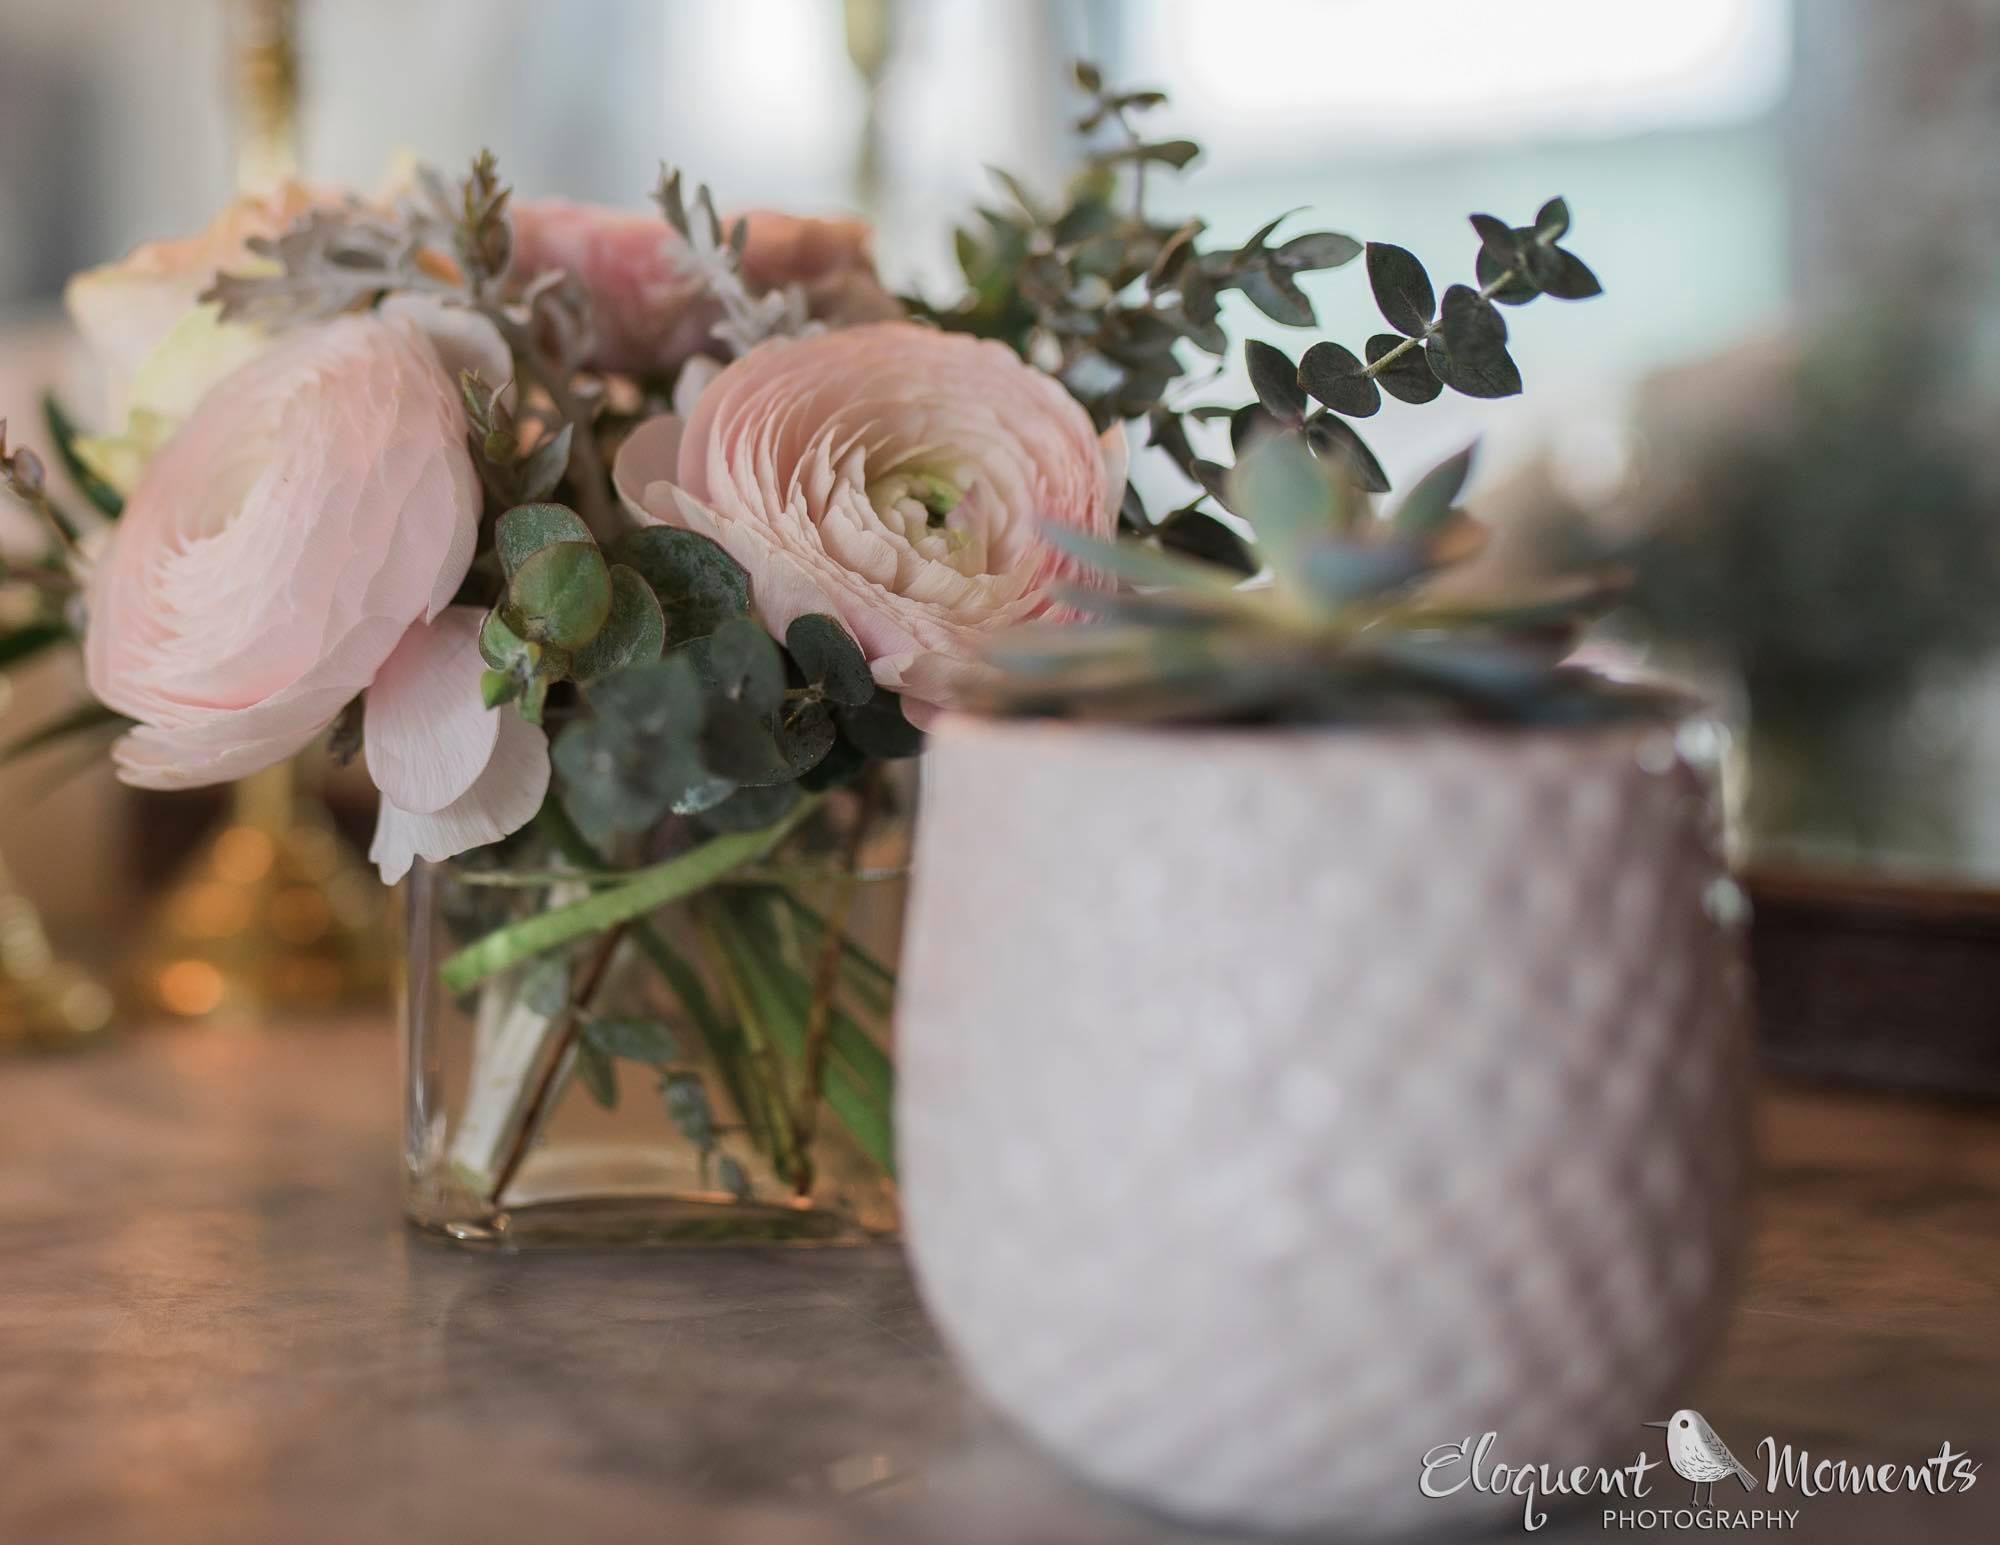 An All Greenery Bridal Bouquet for a Minimalist Urban Wedding